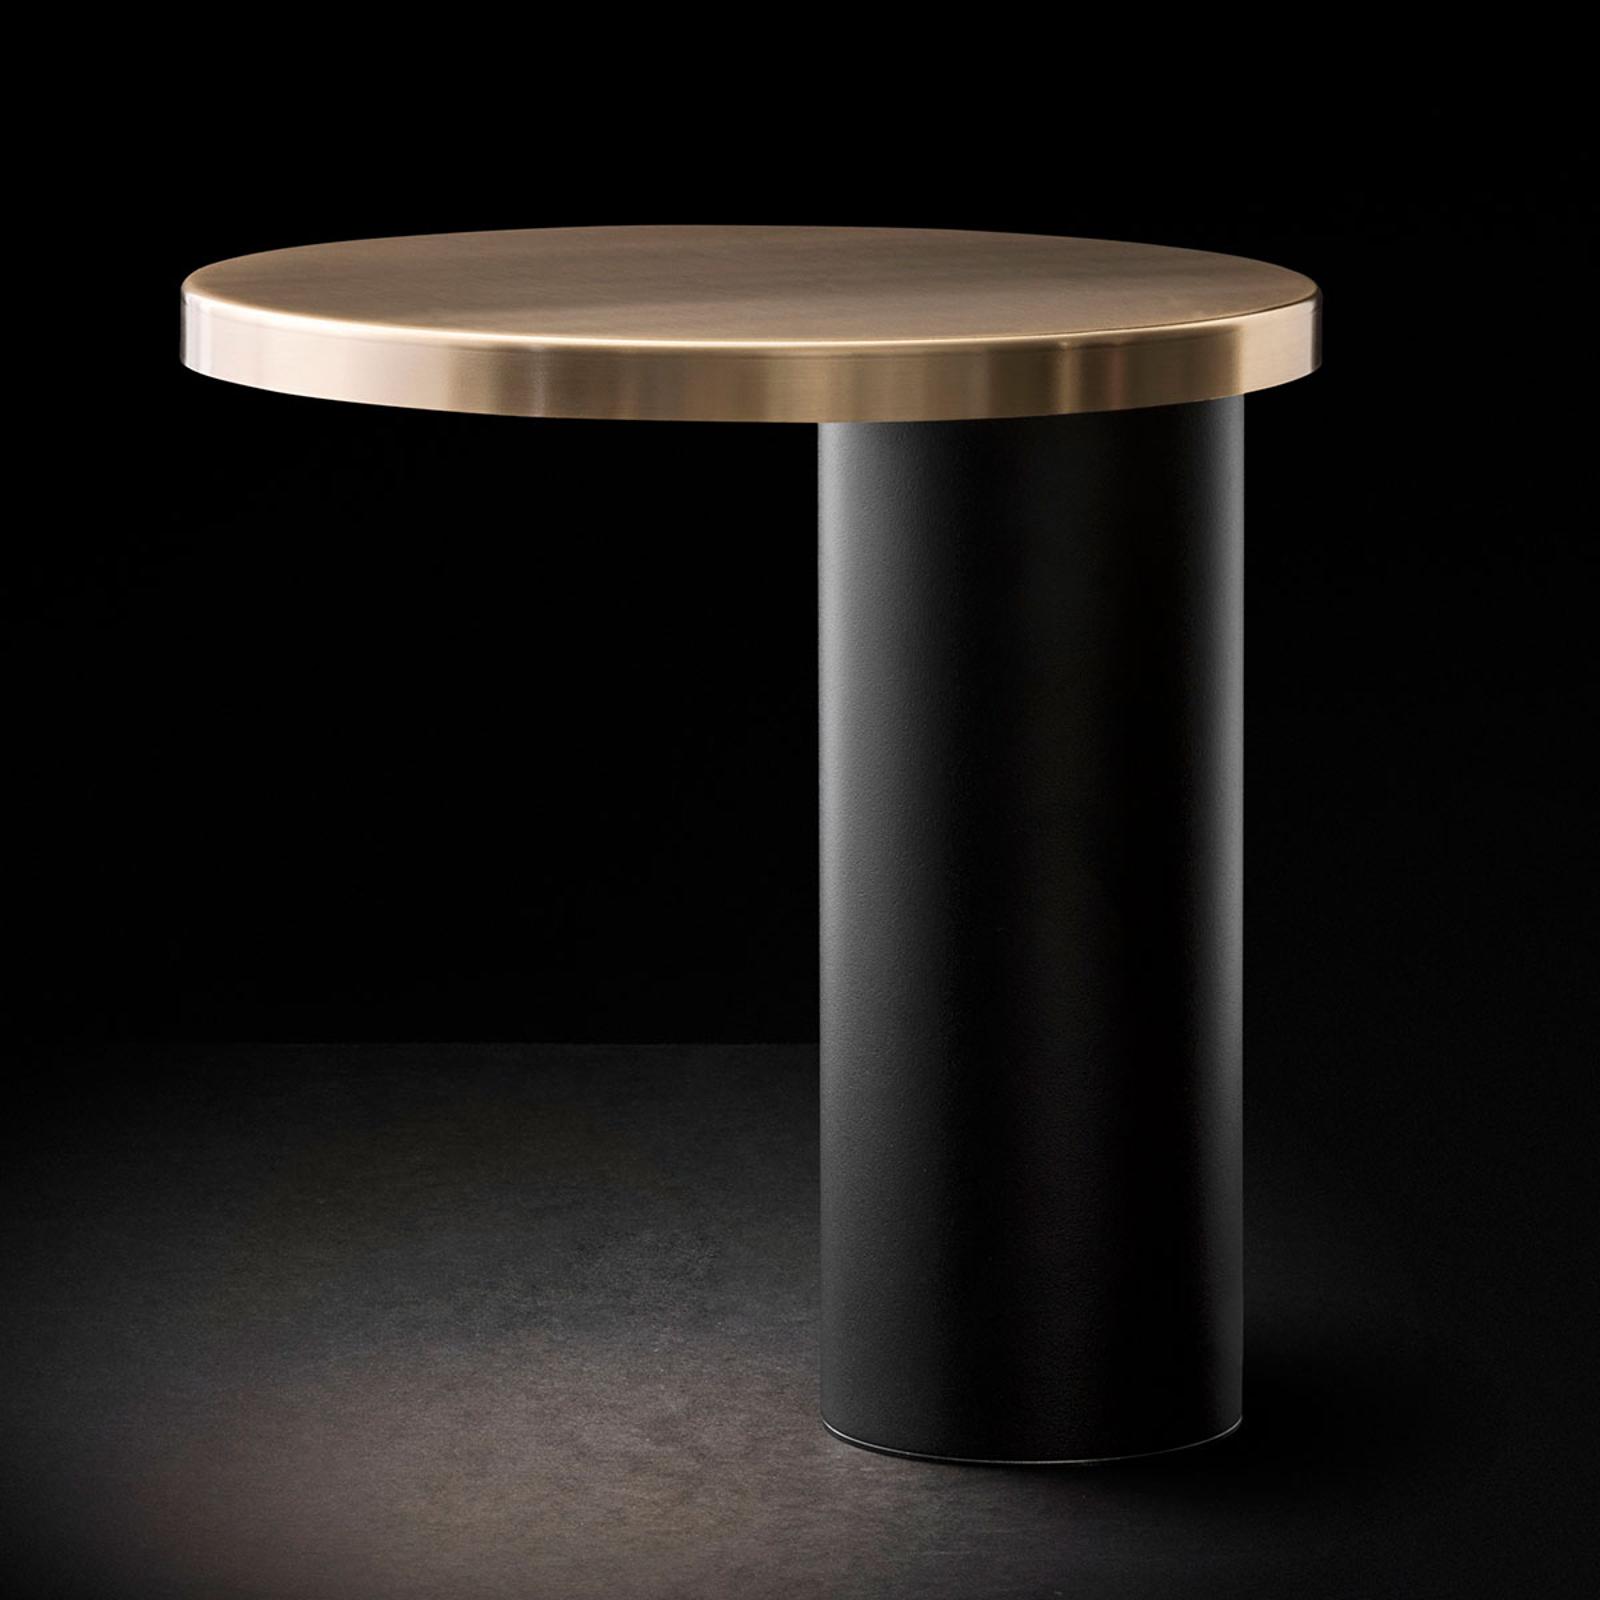 Oluce Cylinda LED tafellamp zwart-goud